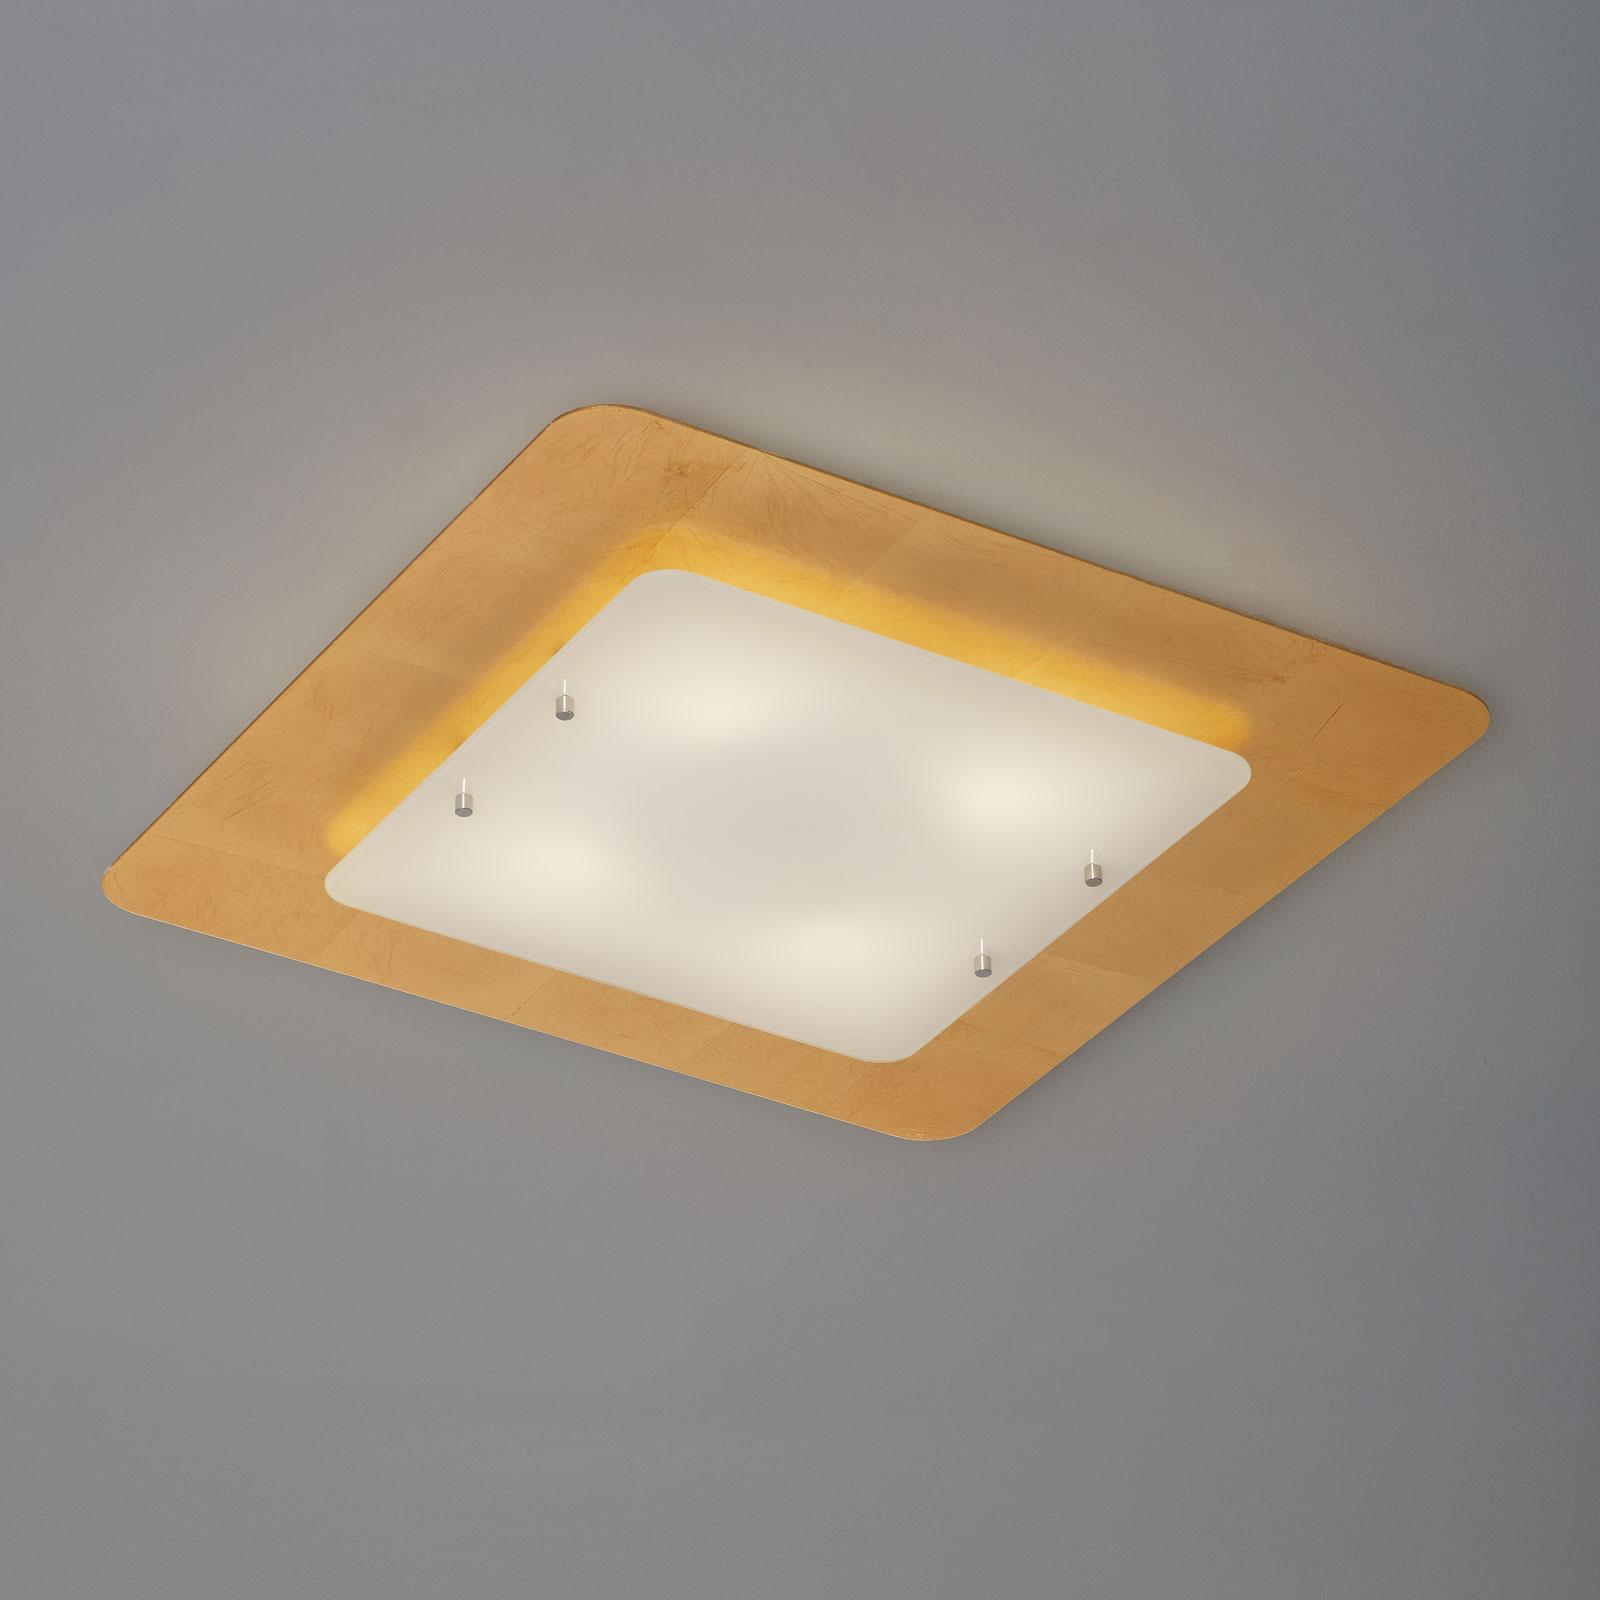 Lampa sufitowa Pop up rama płatkowe złoto, 60x60cm